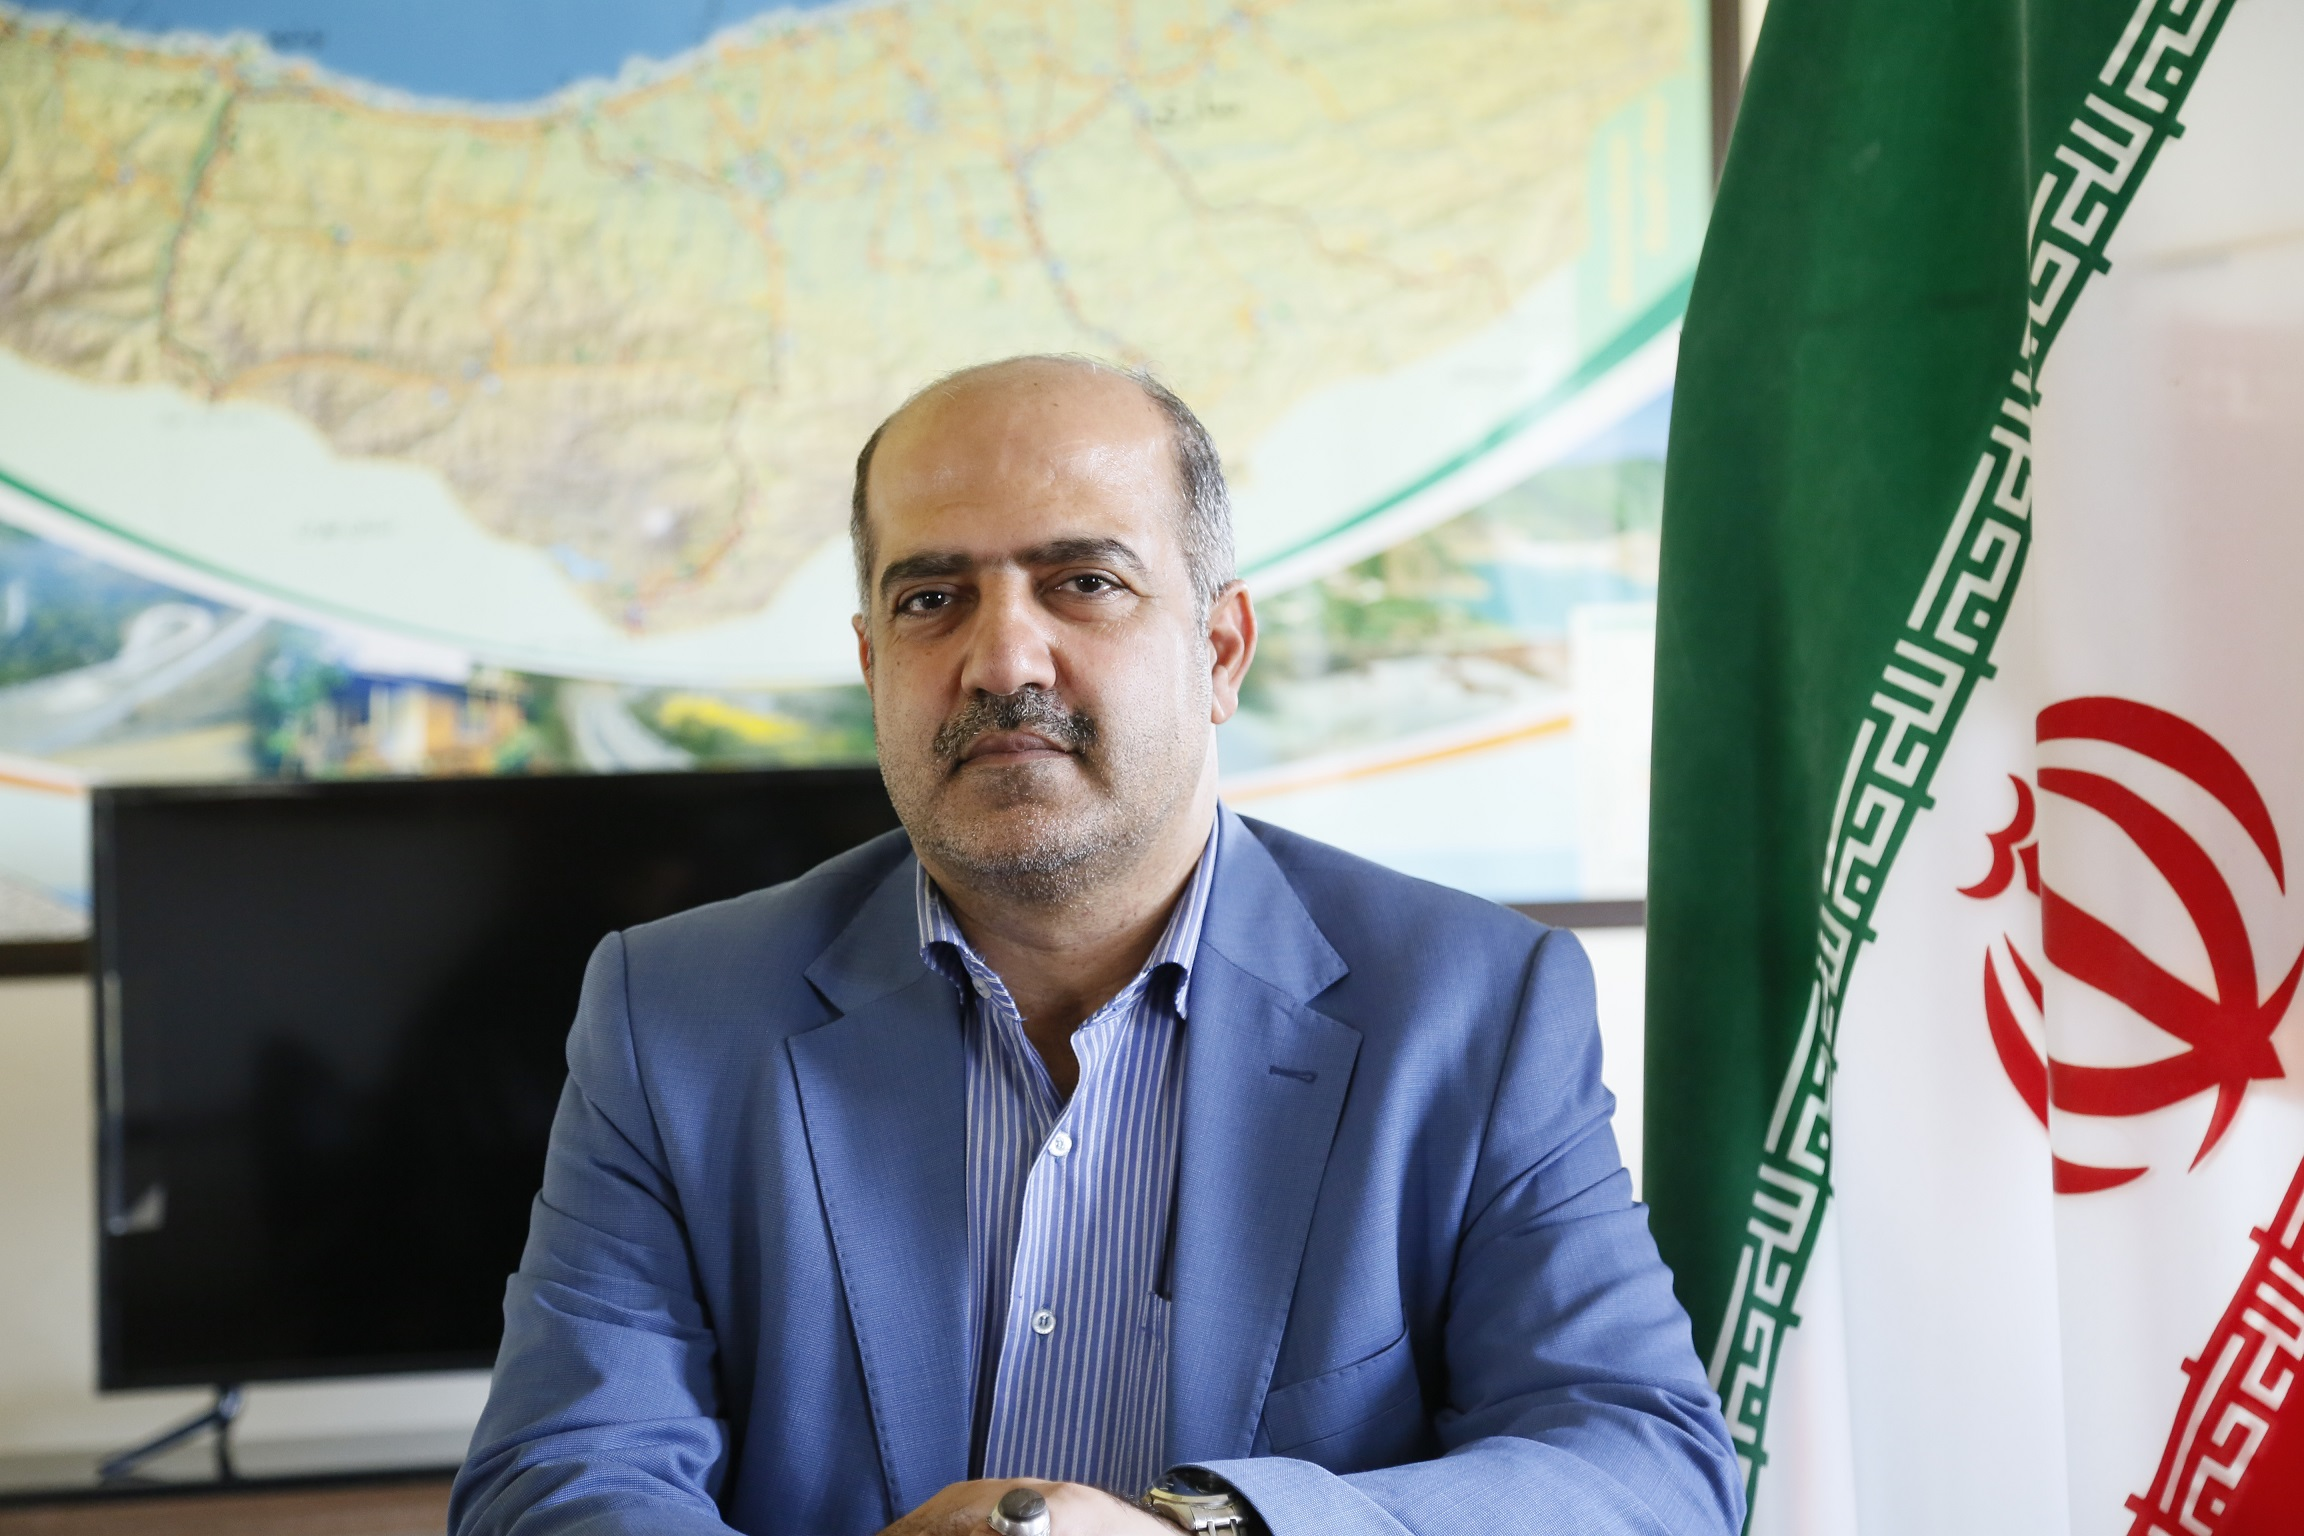 مدیرکل راه و شهرسازی مازندران: پنج هزار و ۷۰۰ نفر در مازندران واجد شرایط دریافت مسکن ملی شدند